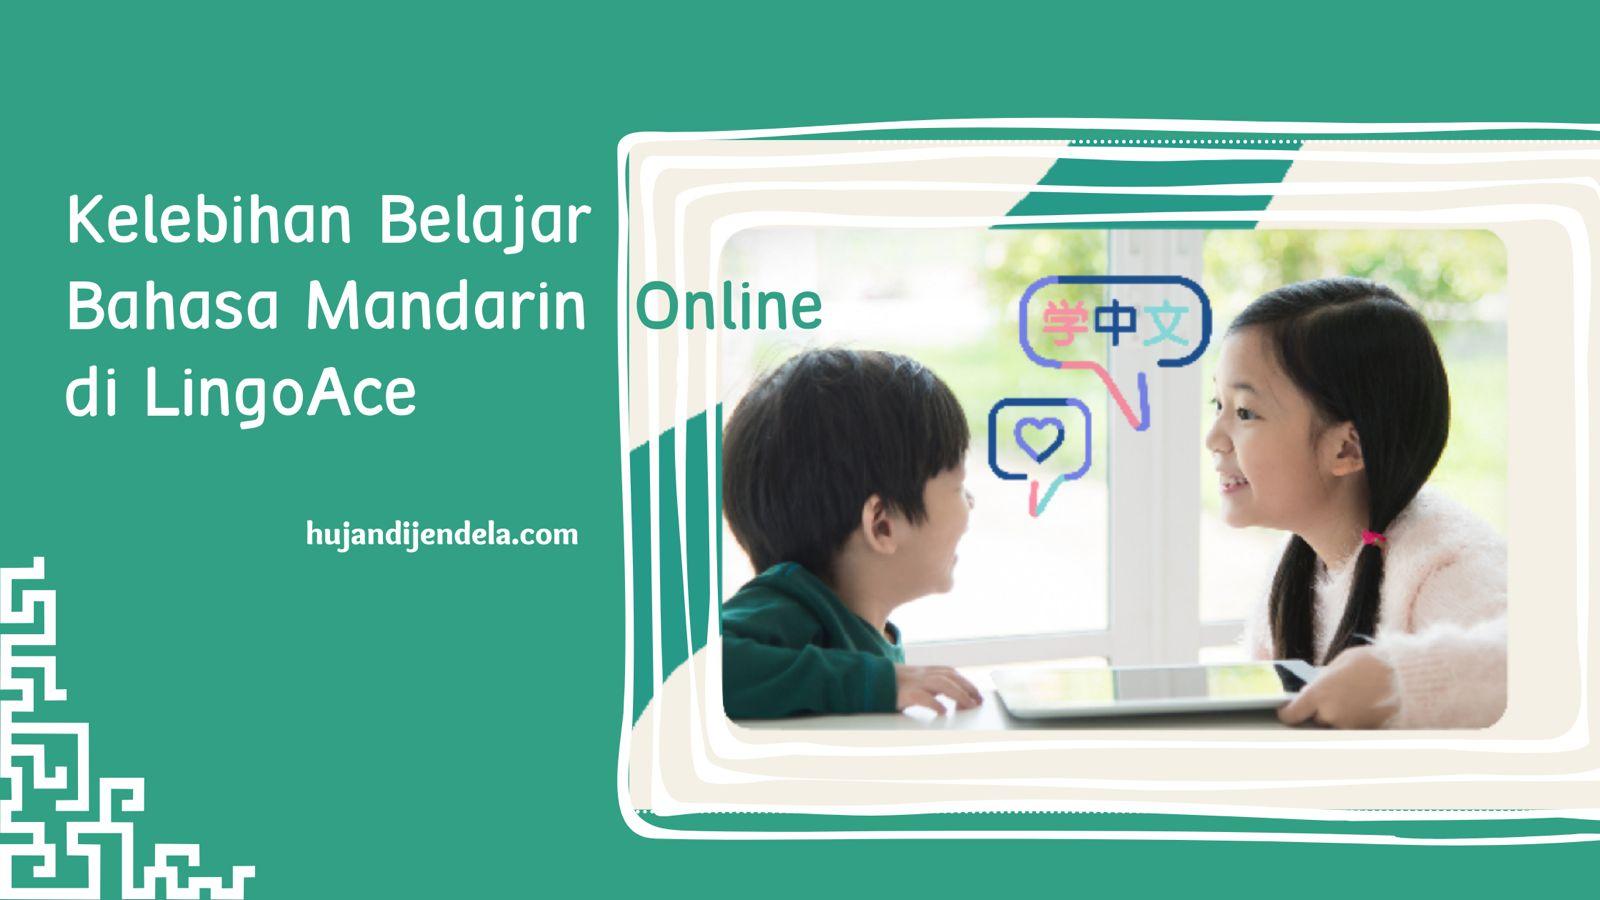 Kelebihan Belajar Bahasa Mandarin Online di LingoAce